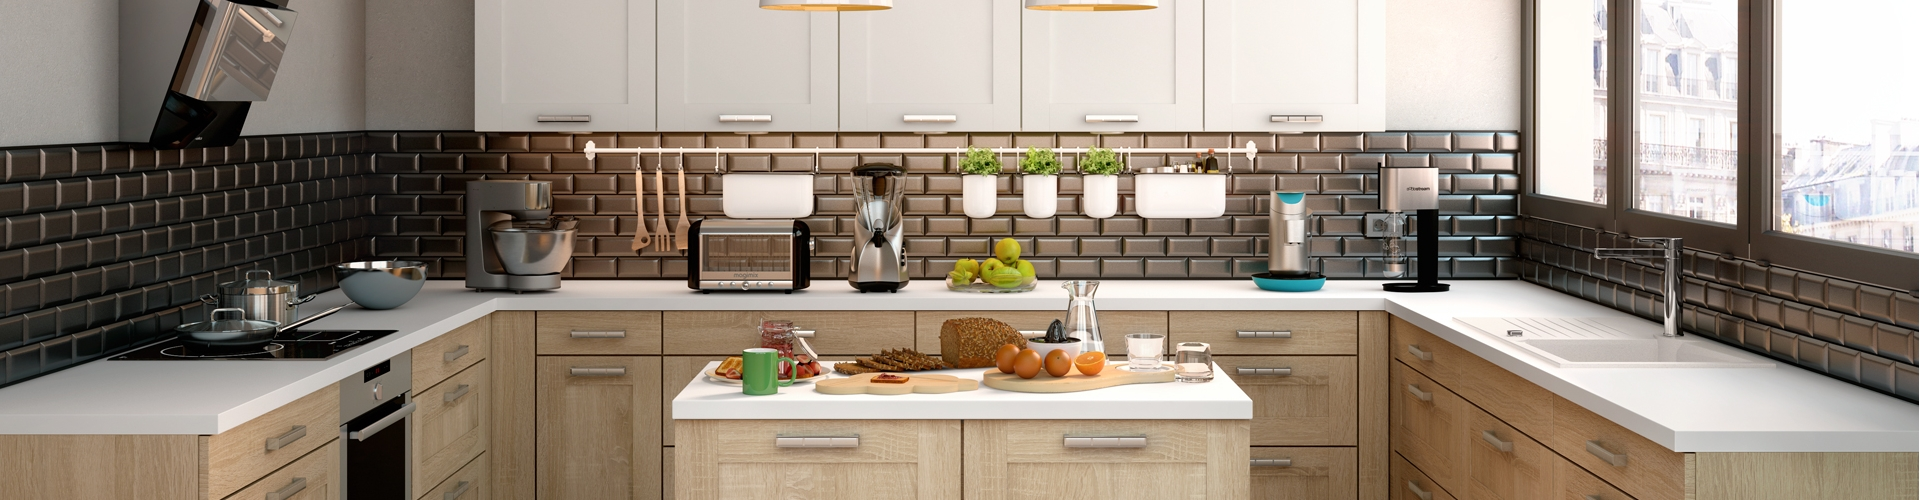 comment choisir l'aménagement de sa cuisine ? placement de meubles